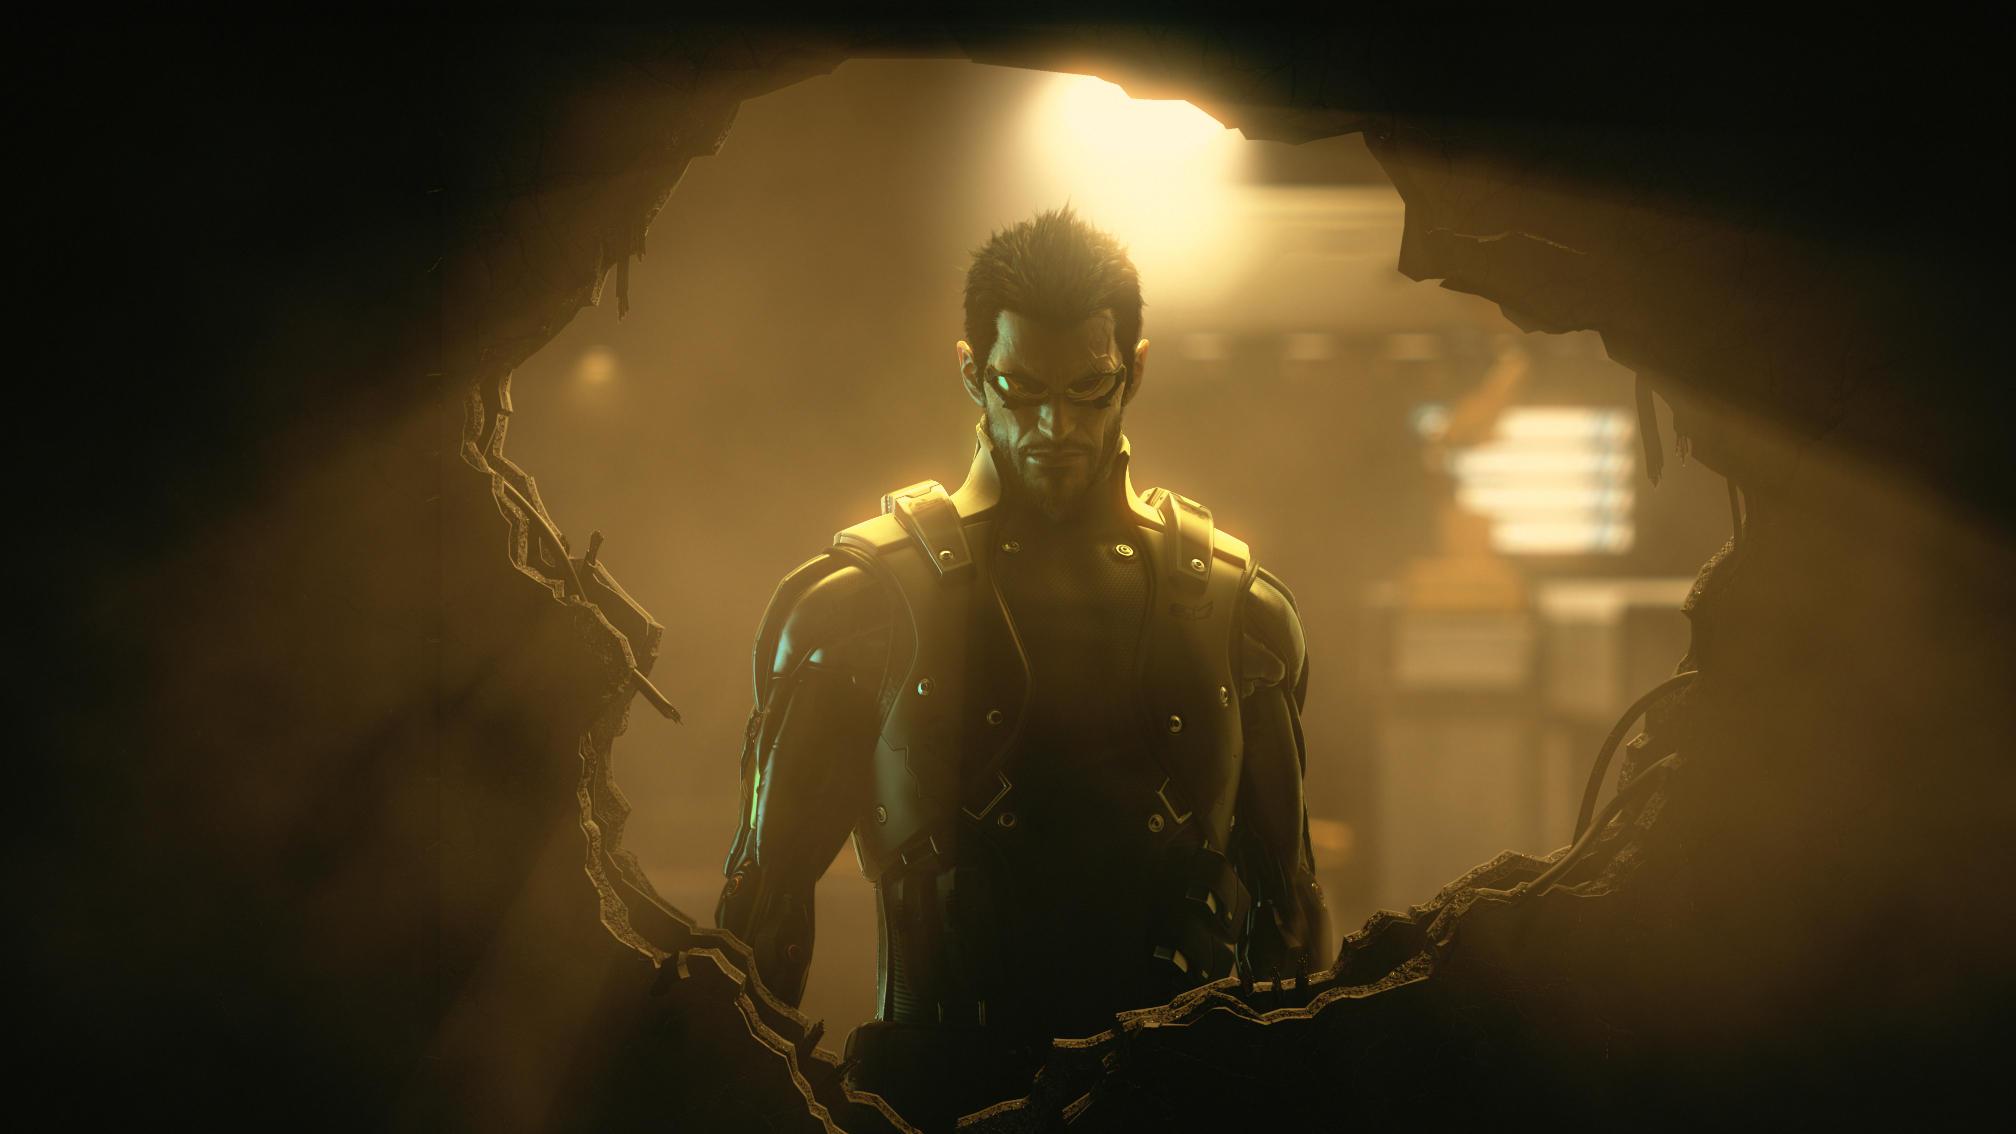 Deus Ex 3: Human Revolution - Azione e penombra